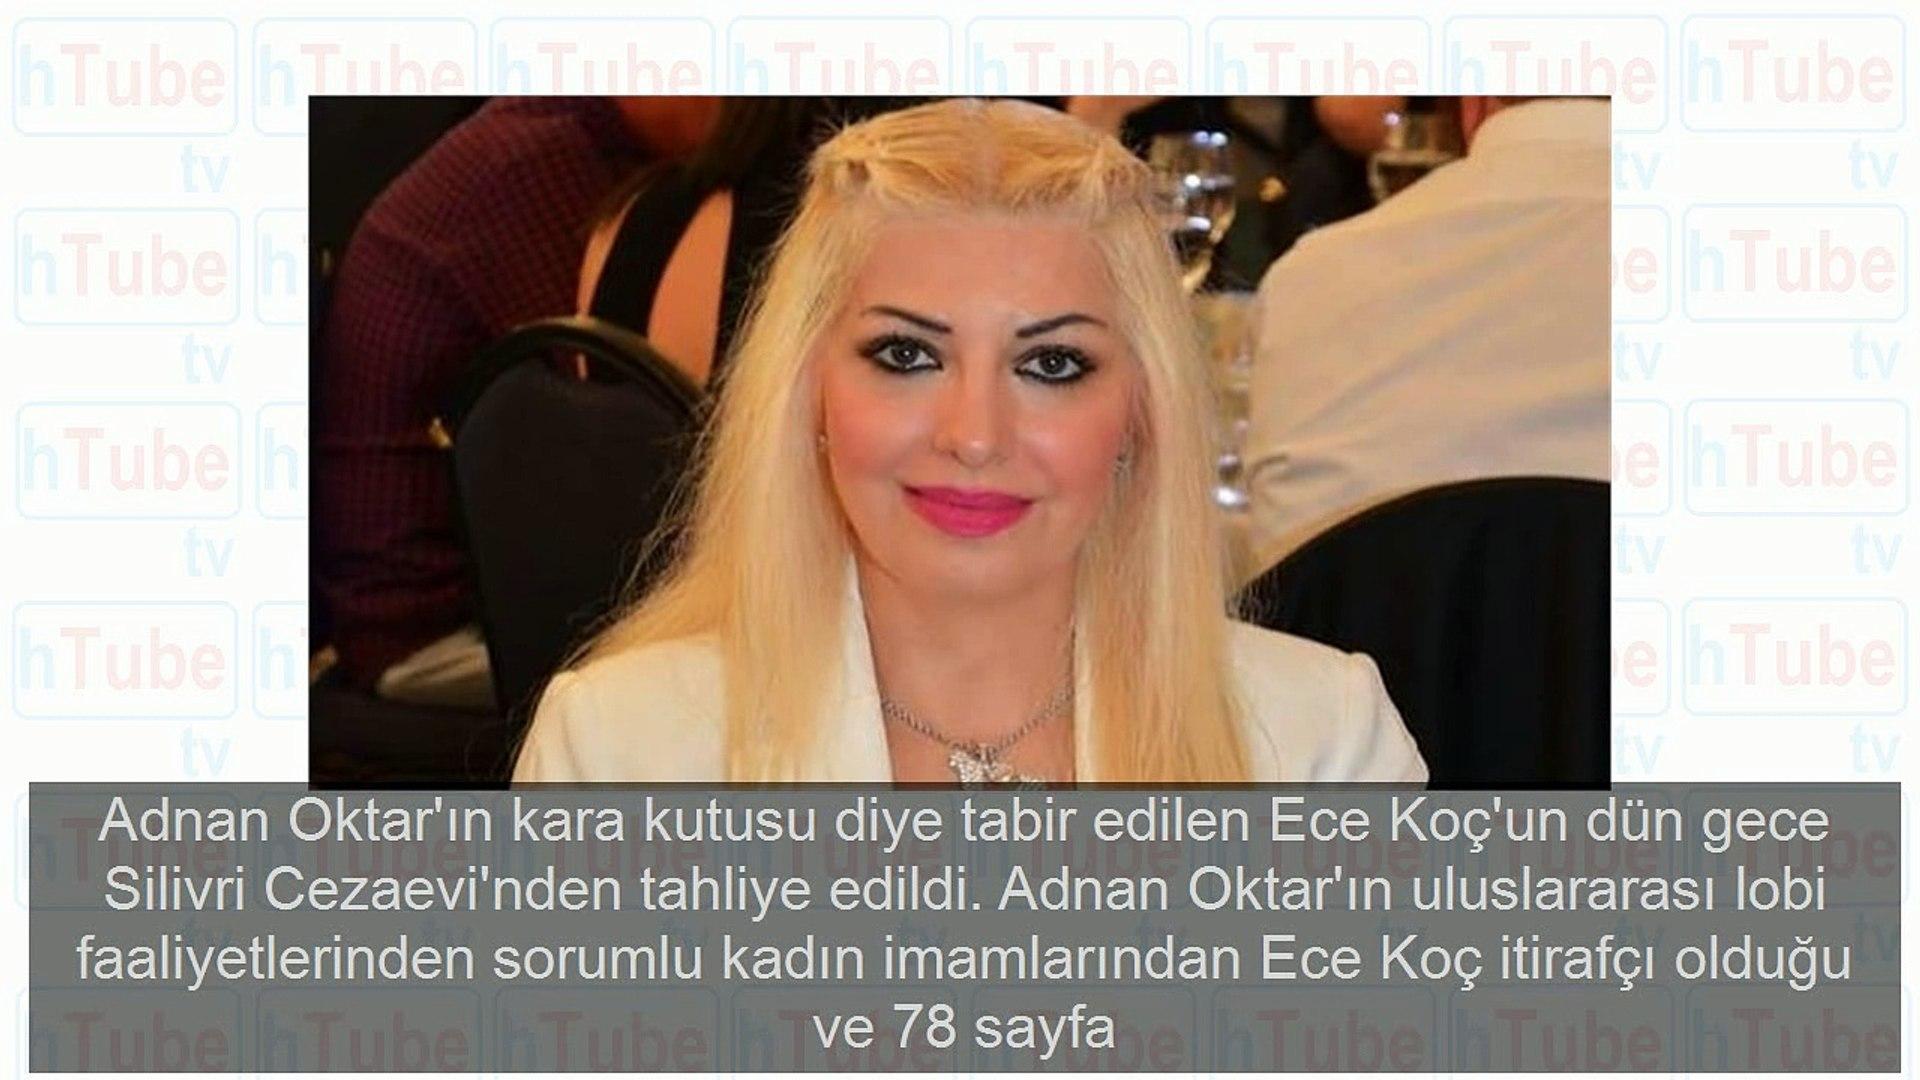 Adnan Oktar'ın 30 yıllık kara kutusu Ece Koç'tan bomba ifşalar!